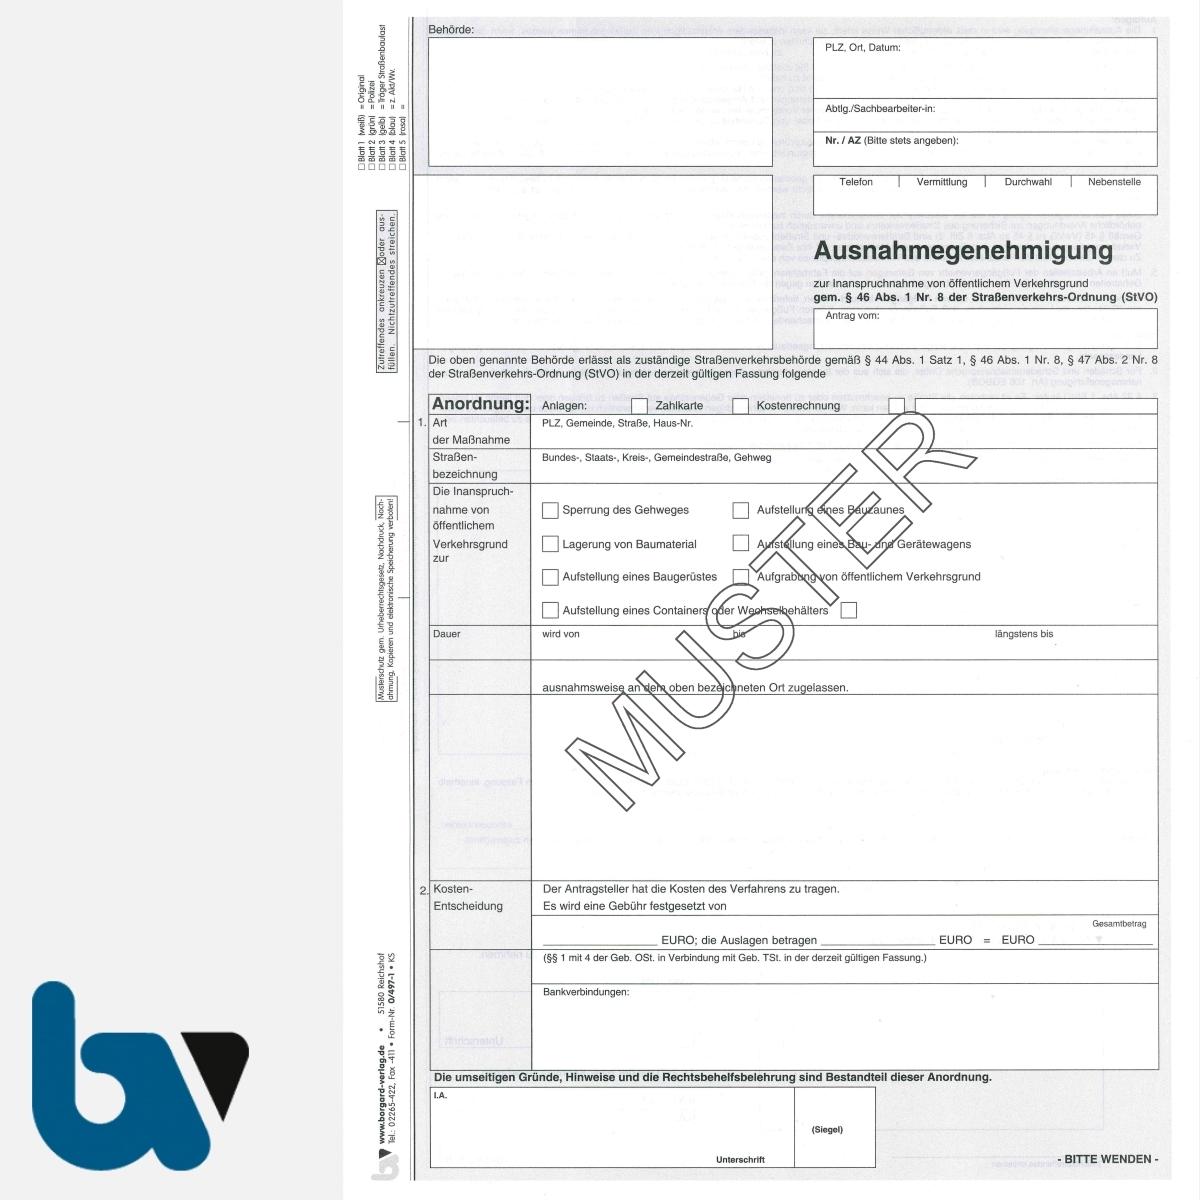 0/497-1 Ausnahmegenehmigung Inanspruchnahme öffentlich Verkehrsraum Straßenraum Arbeiten 44 46 47 Straßenverkehrsordnung StVO selbstdurchschreibend DIN A4 5-fach VS | Borgard Verlag GmbH